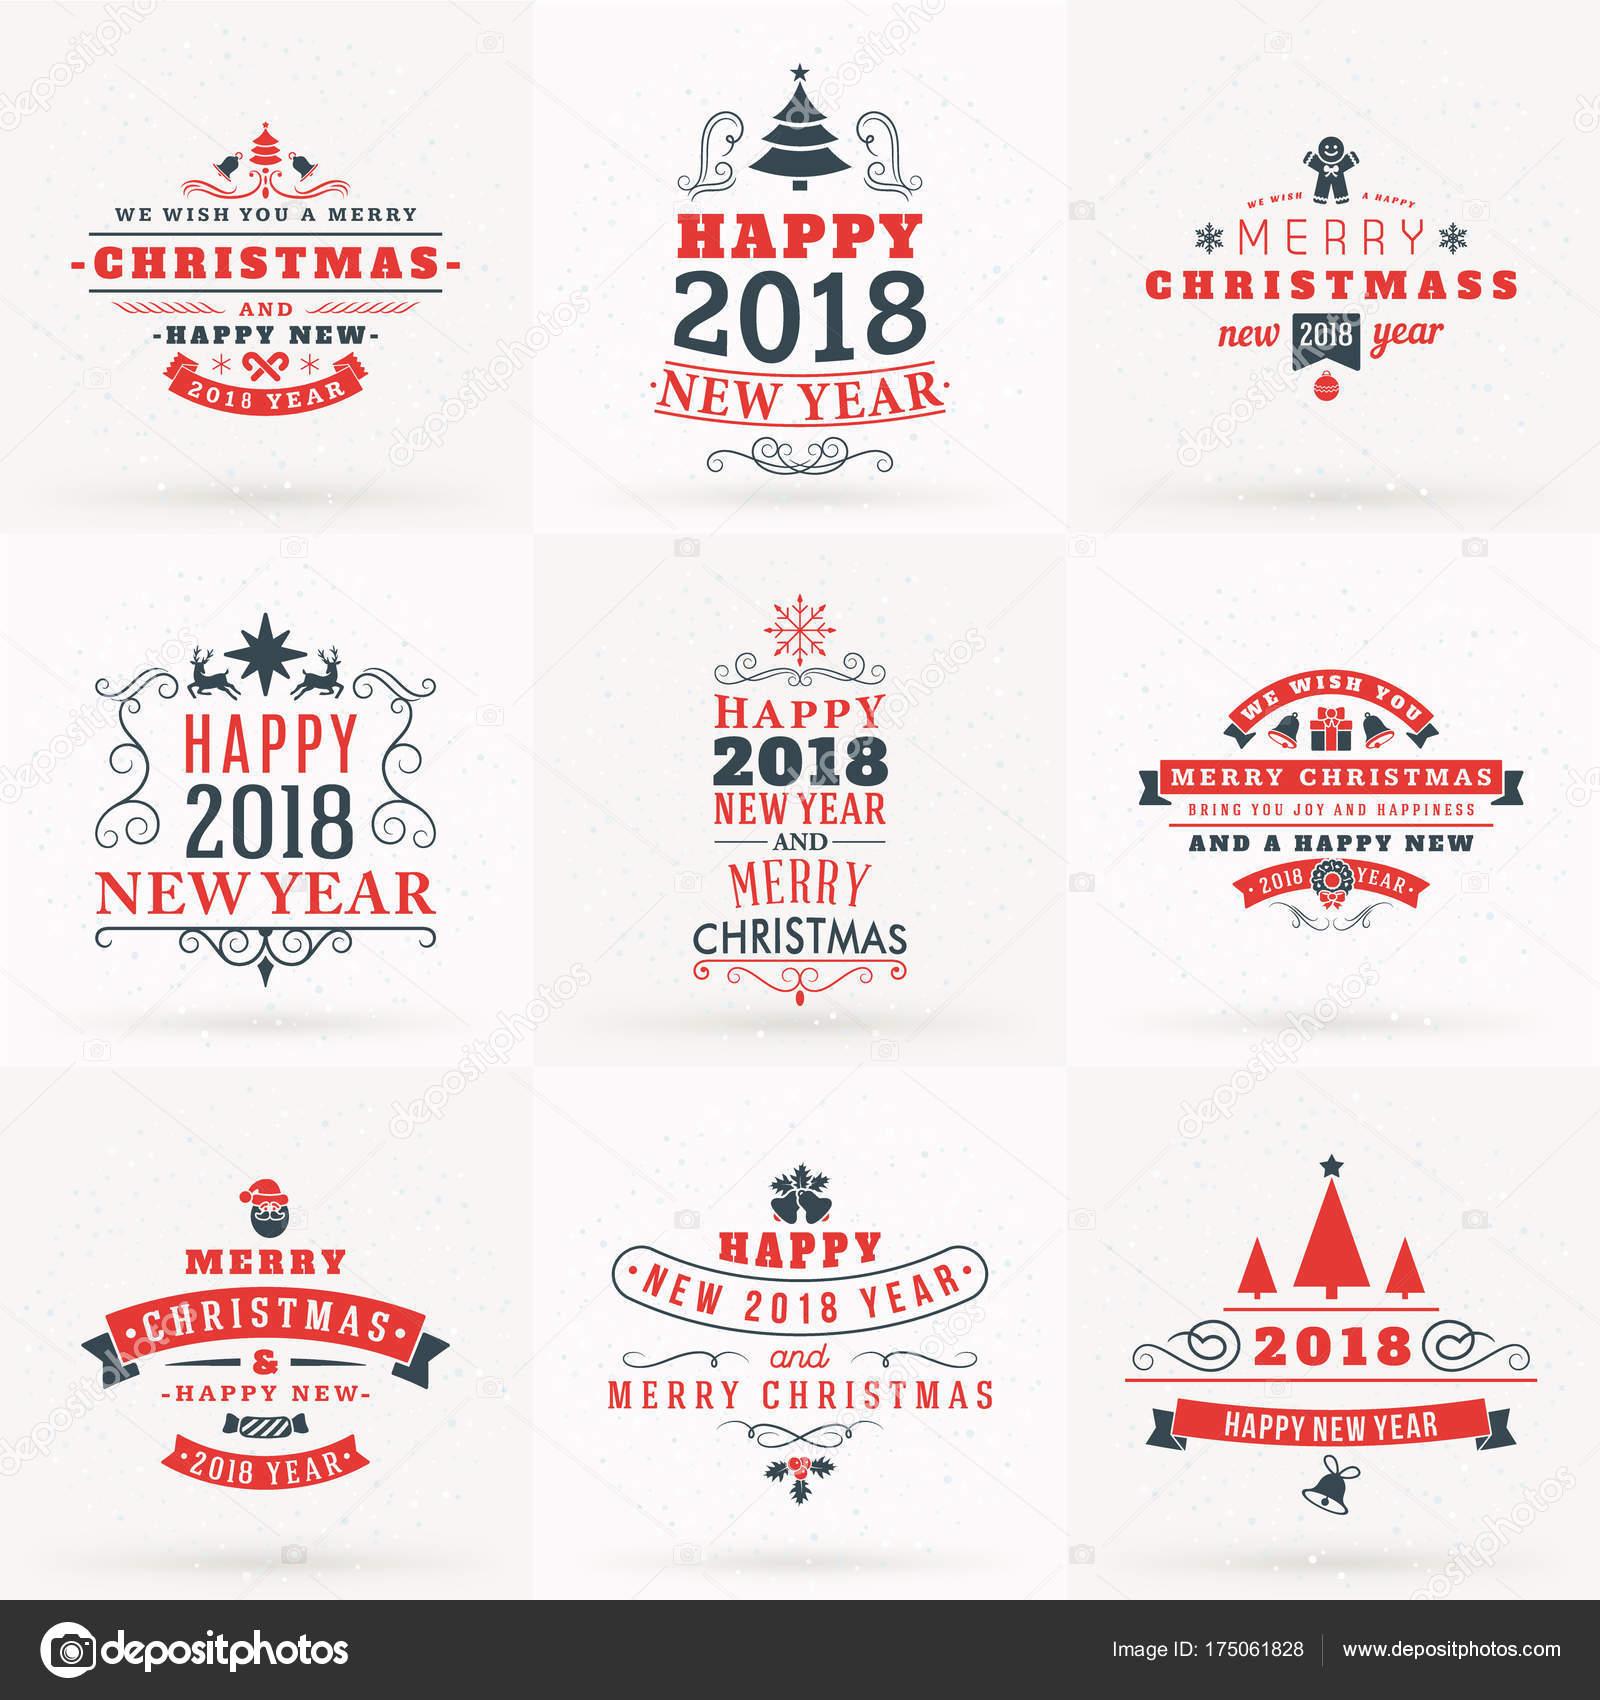 Insignias Decorativas Juego De Feliz Navidad Y Feliz Ano Nuevo